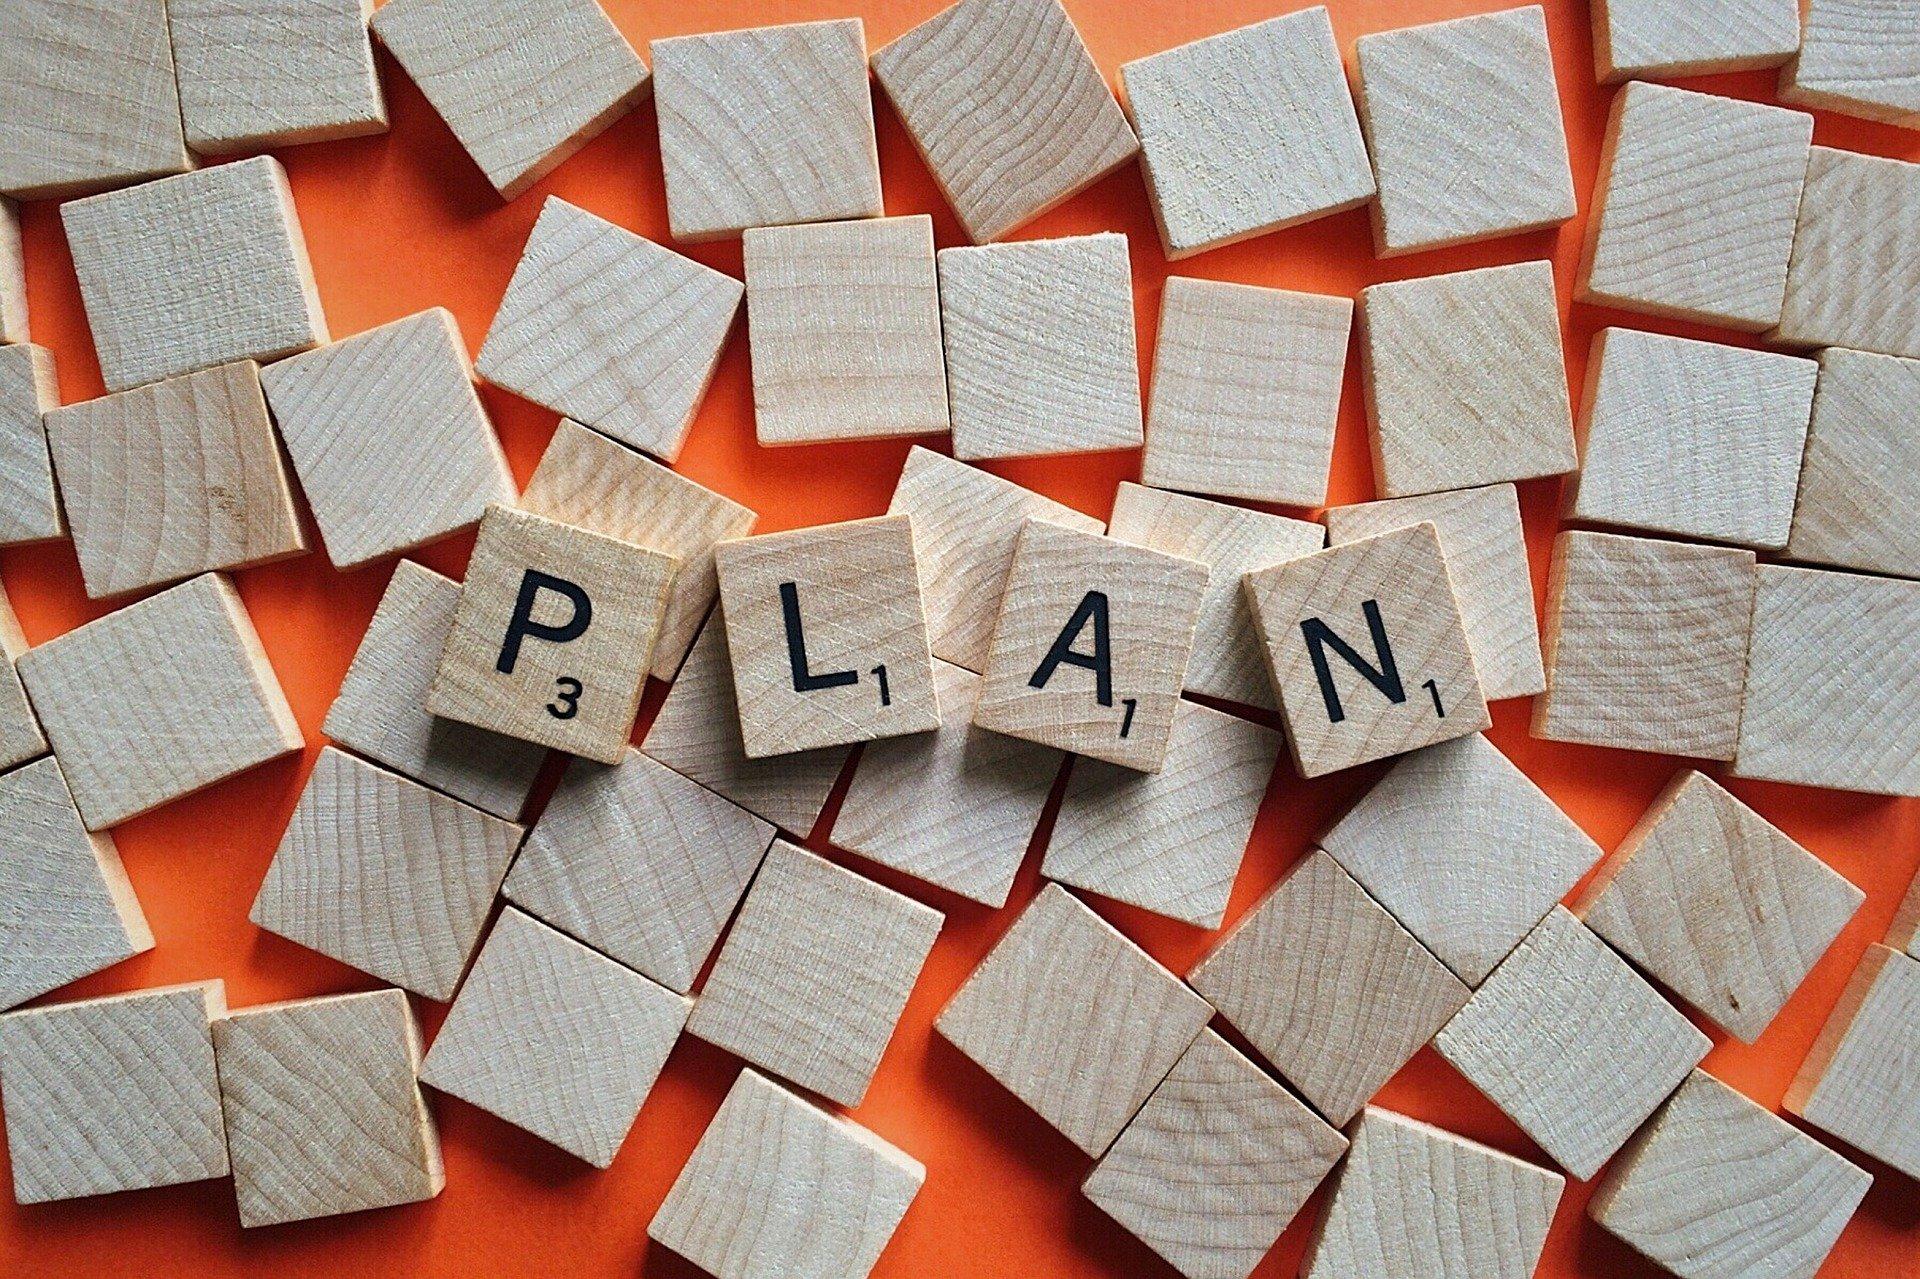 Weniger Stress beim Imkern! Warum du deine nächste Imkersaison unbedingt planen solltest.